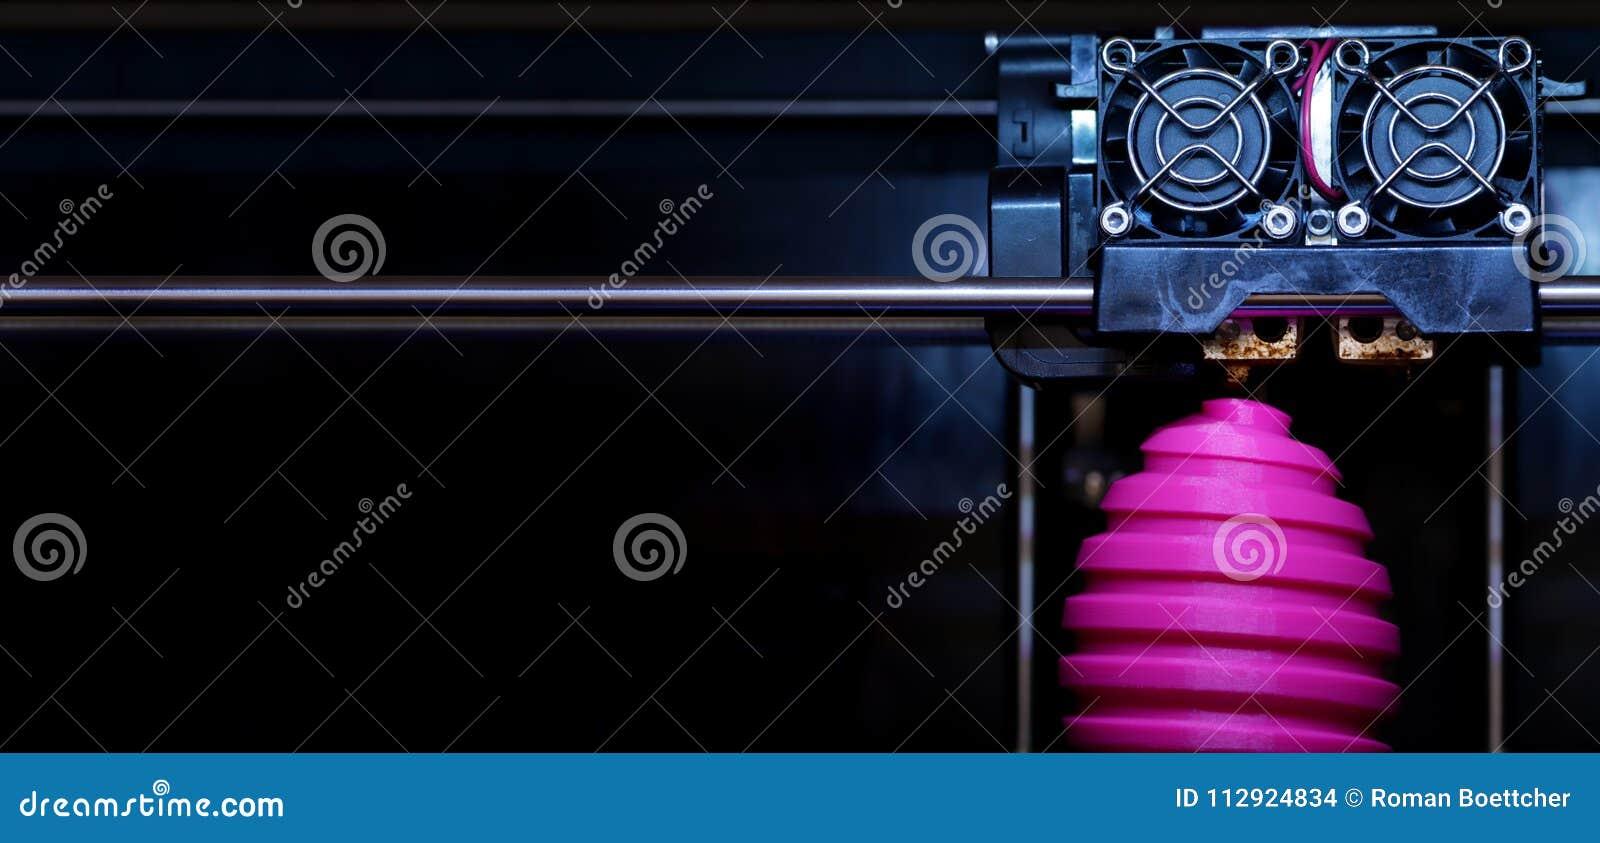 För tillverkningssåret för FDM 3D-printer för det easter rosa skulptur ägget - främre sikt på objekt- och tryckhuvudet - panel ty